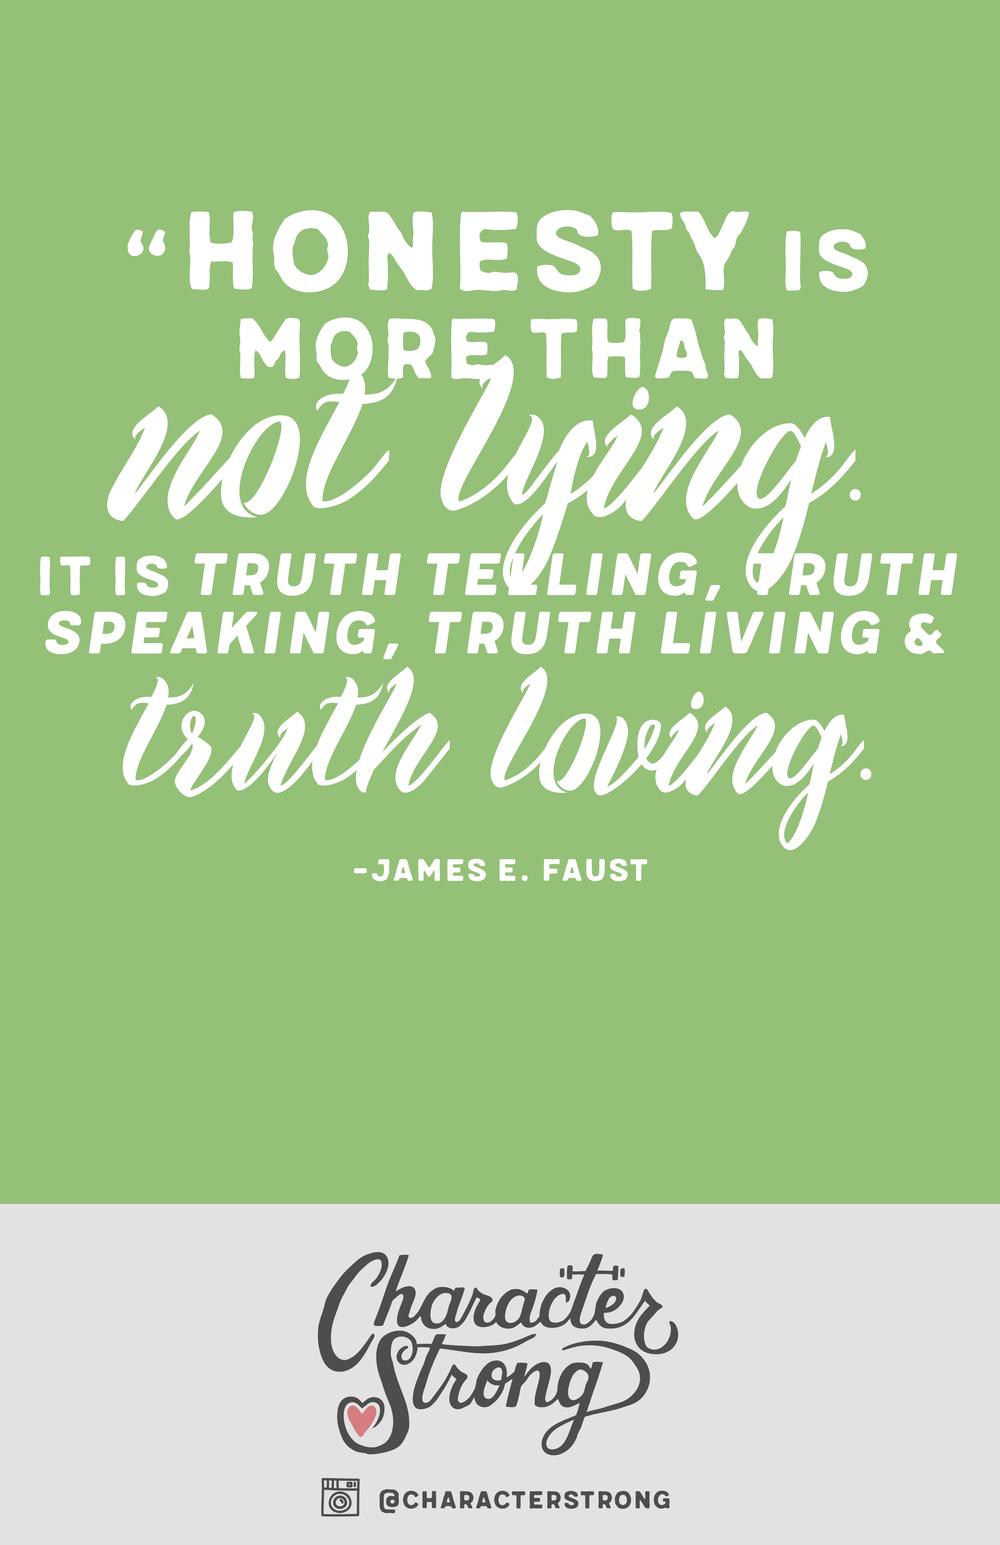 Honesty-2.jpg